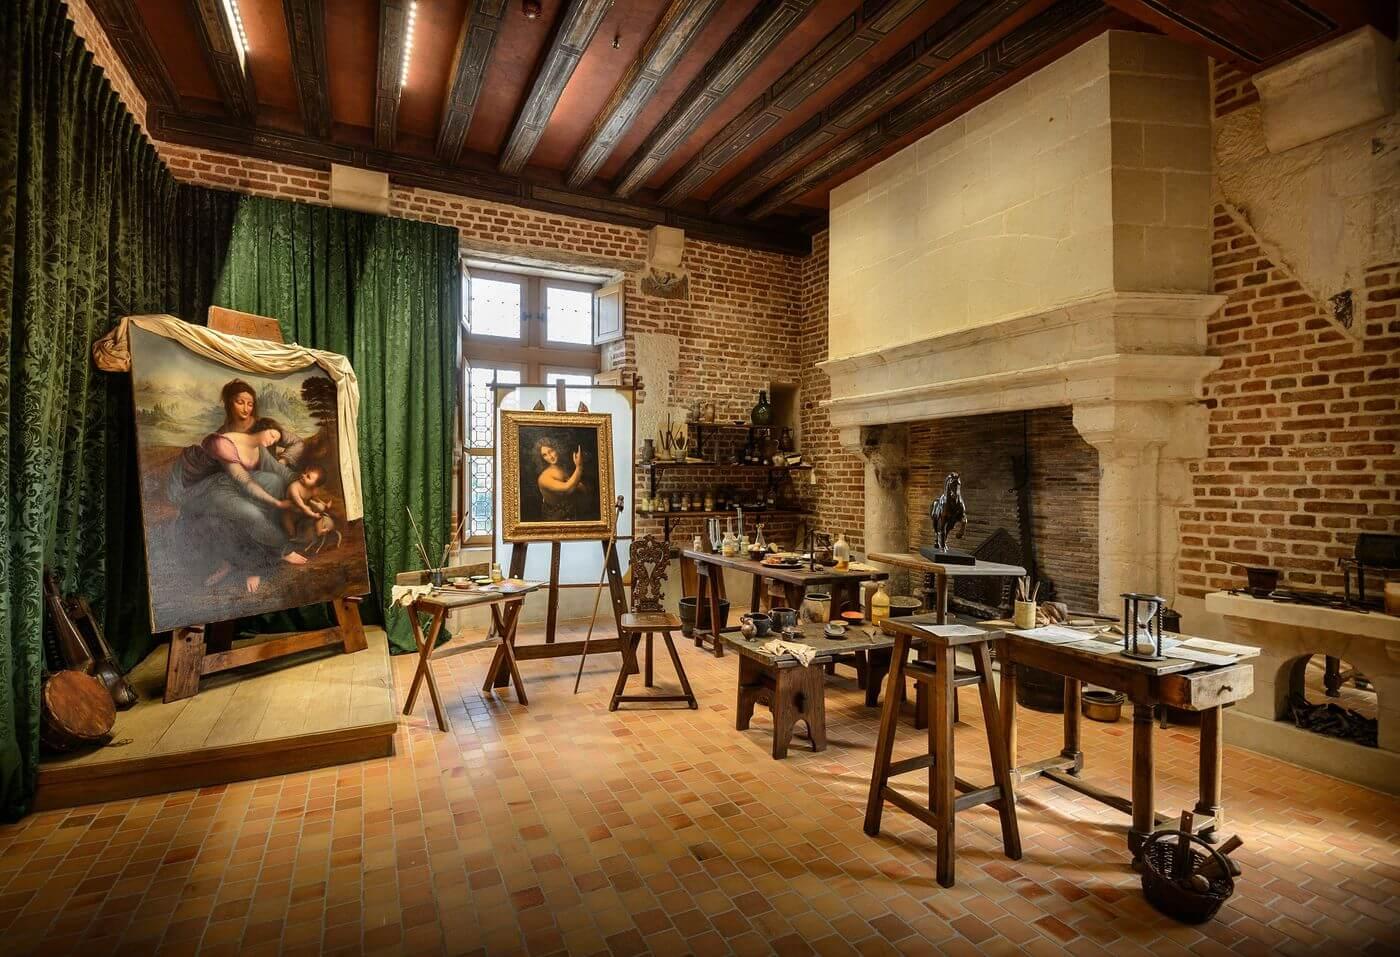 Leonardo da Vinci Exposición en el Museo de Louvre